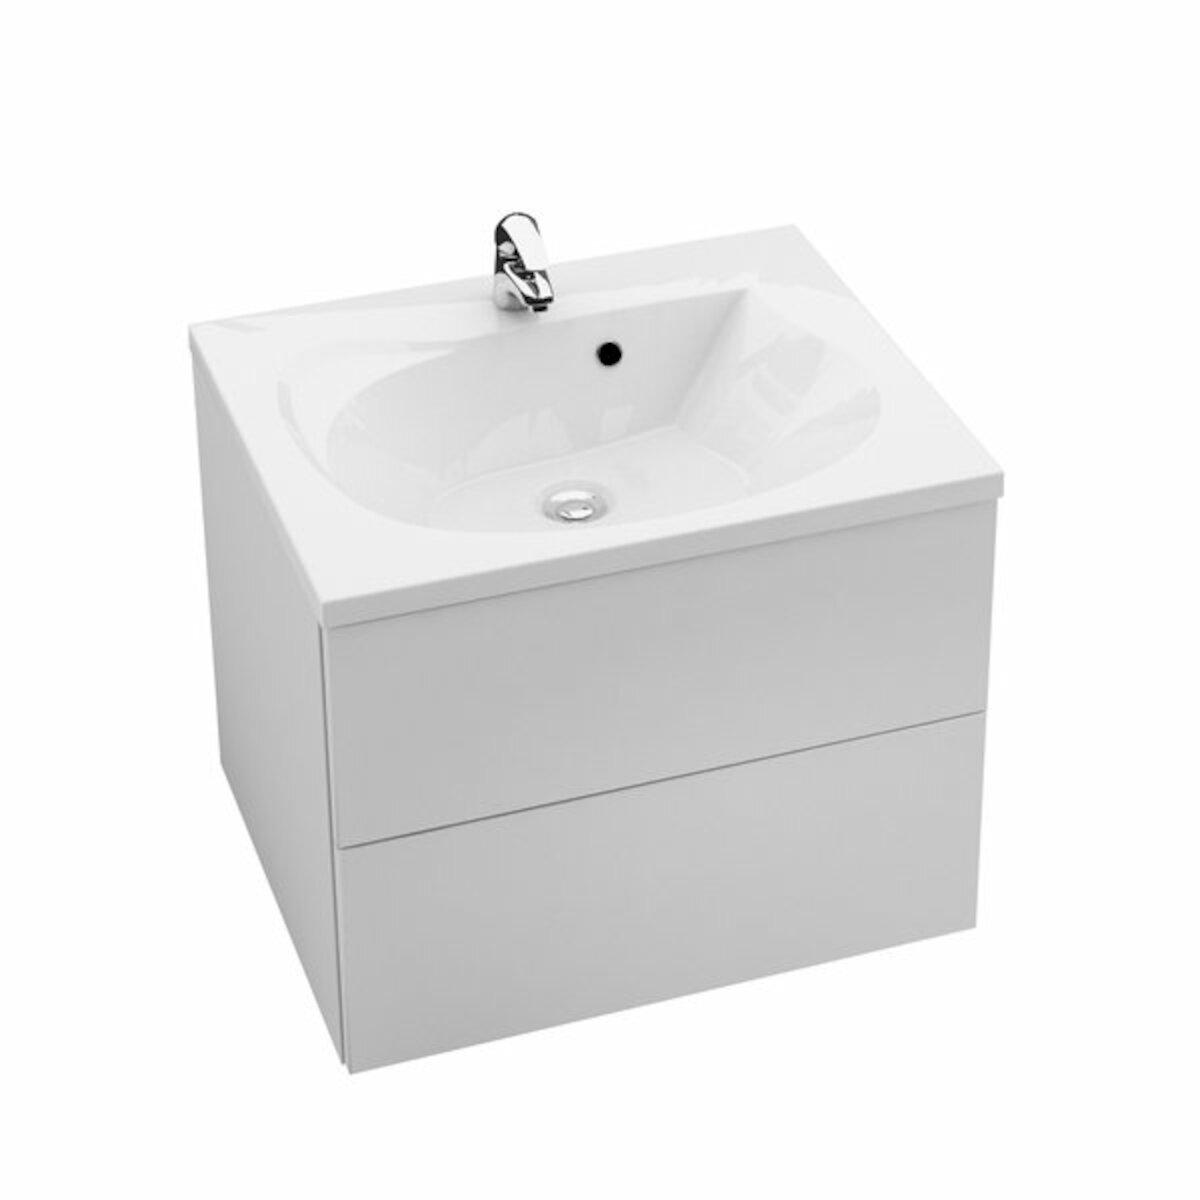 Kúpeľňová skrinka pod umývadlo Ravak Rosa 76x49 cm biela X000001293